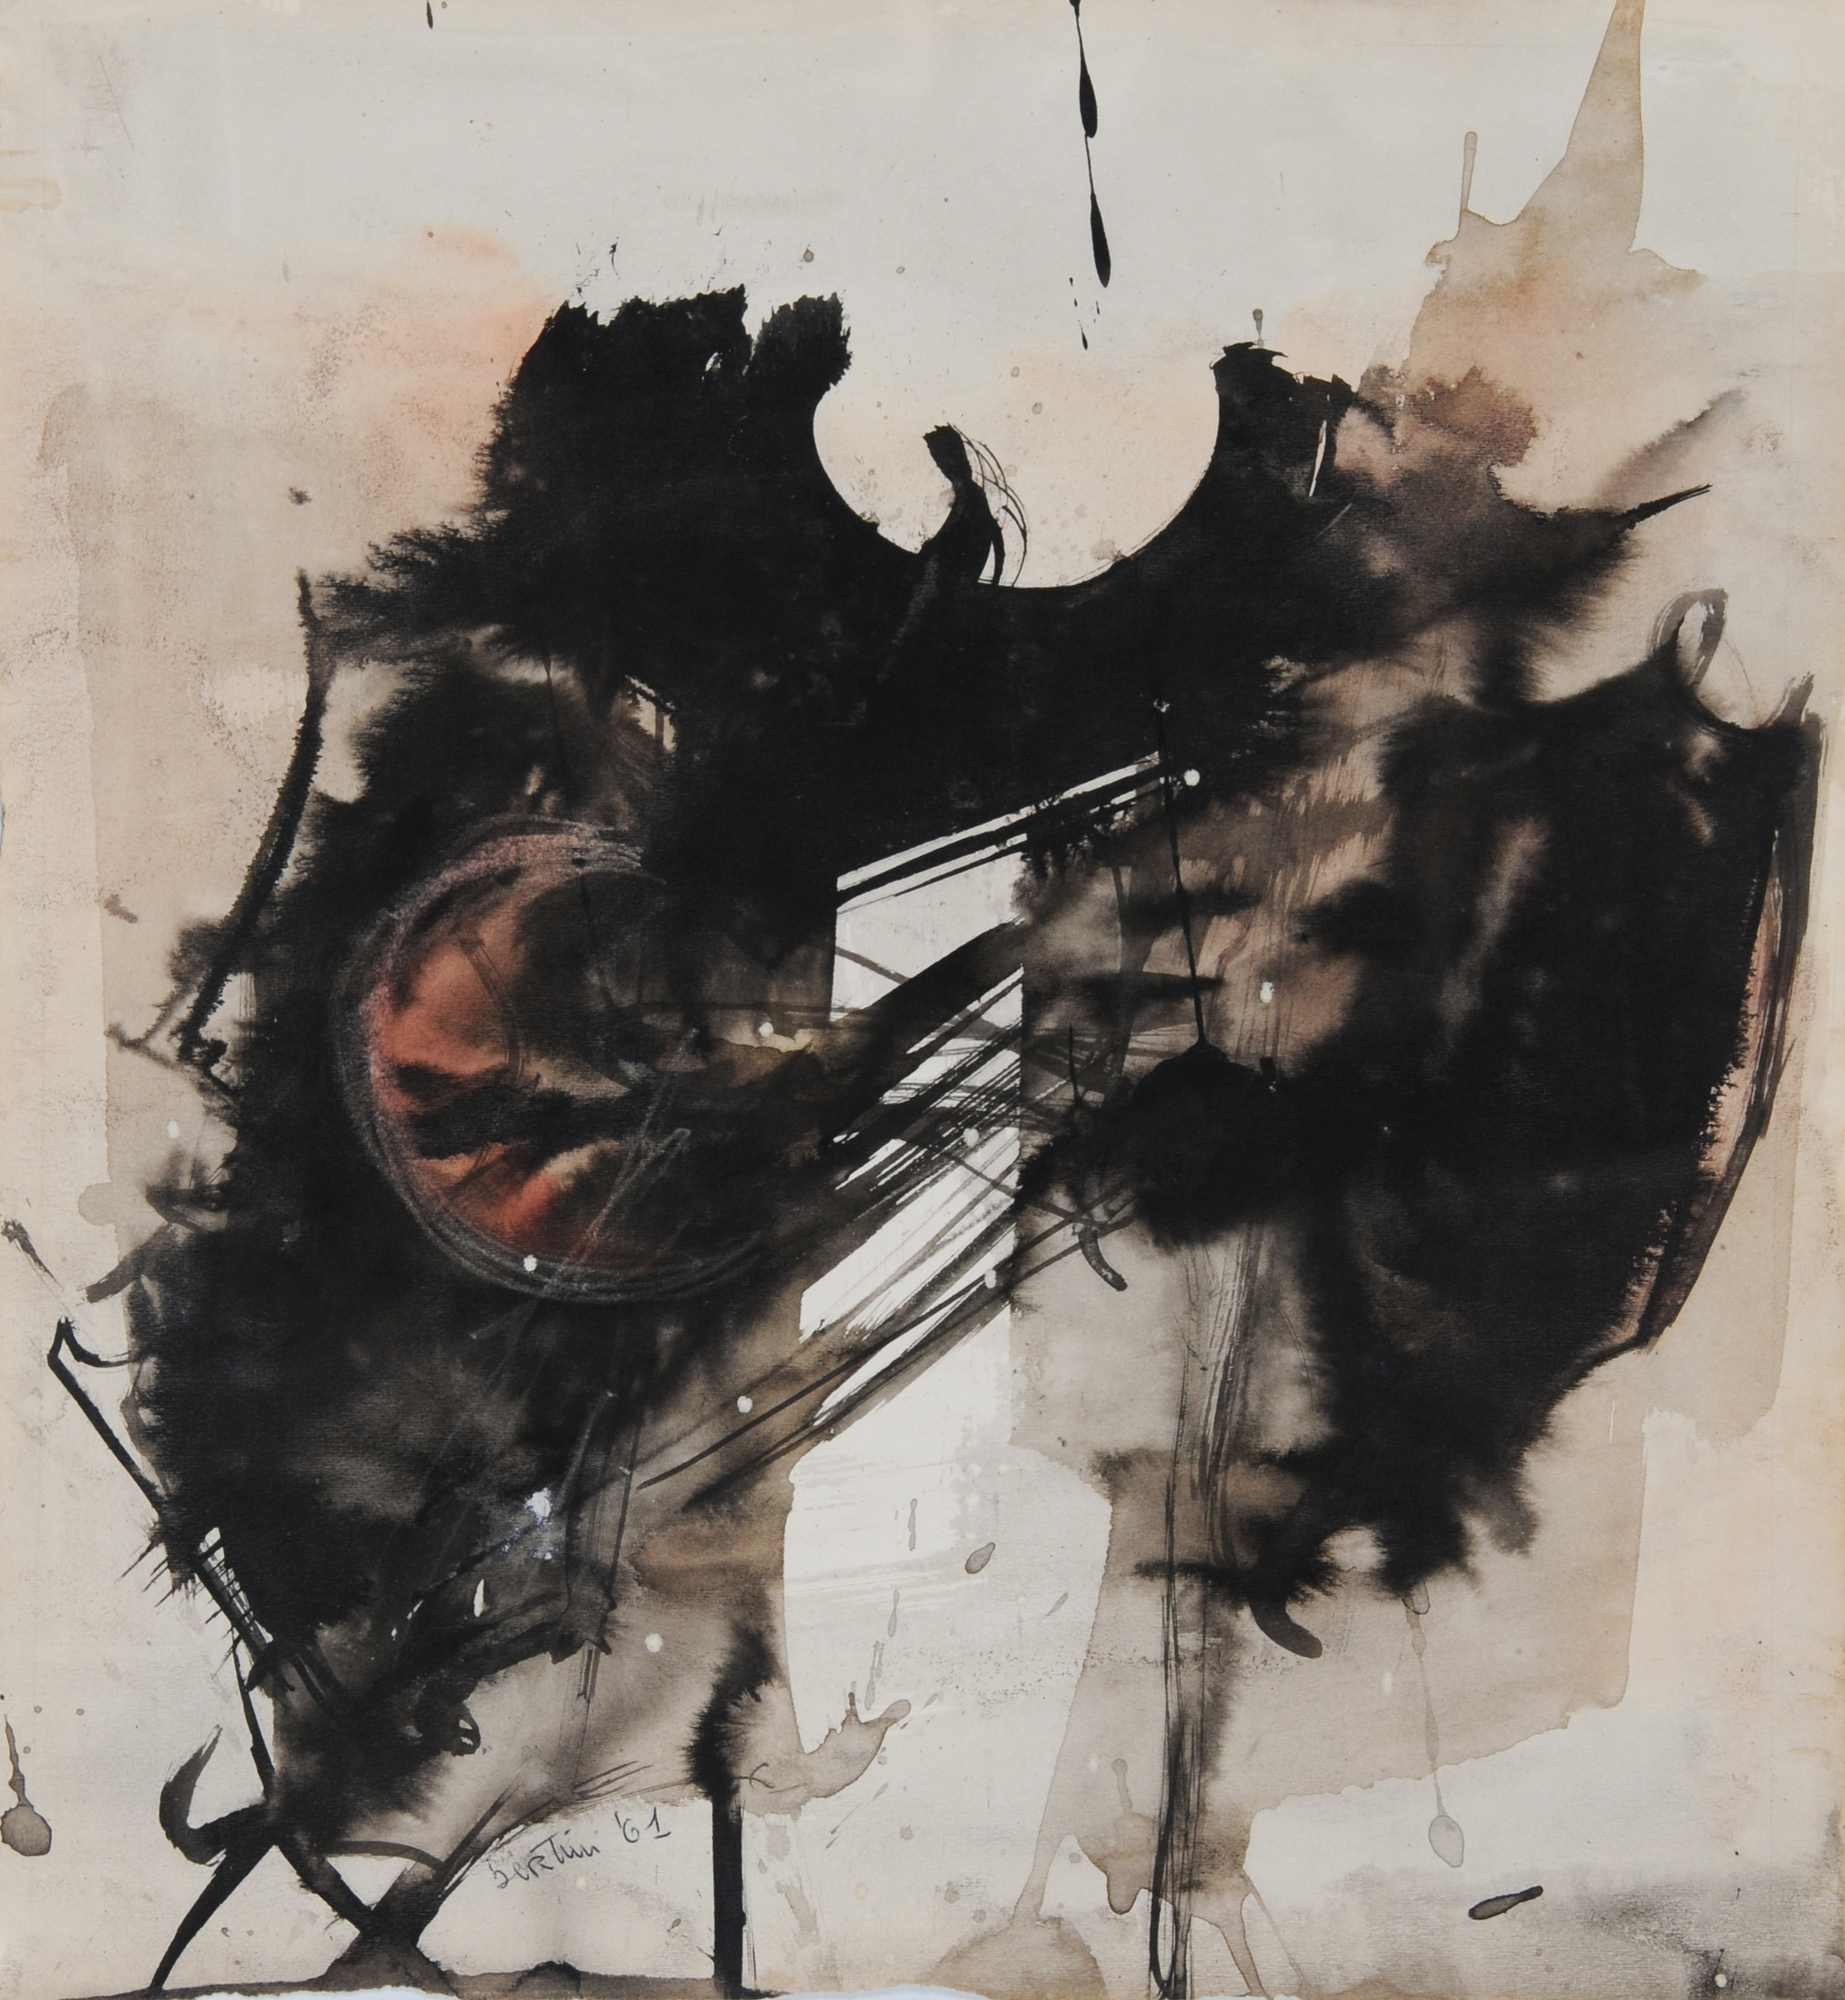 Bertini Gianni, Untitled